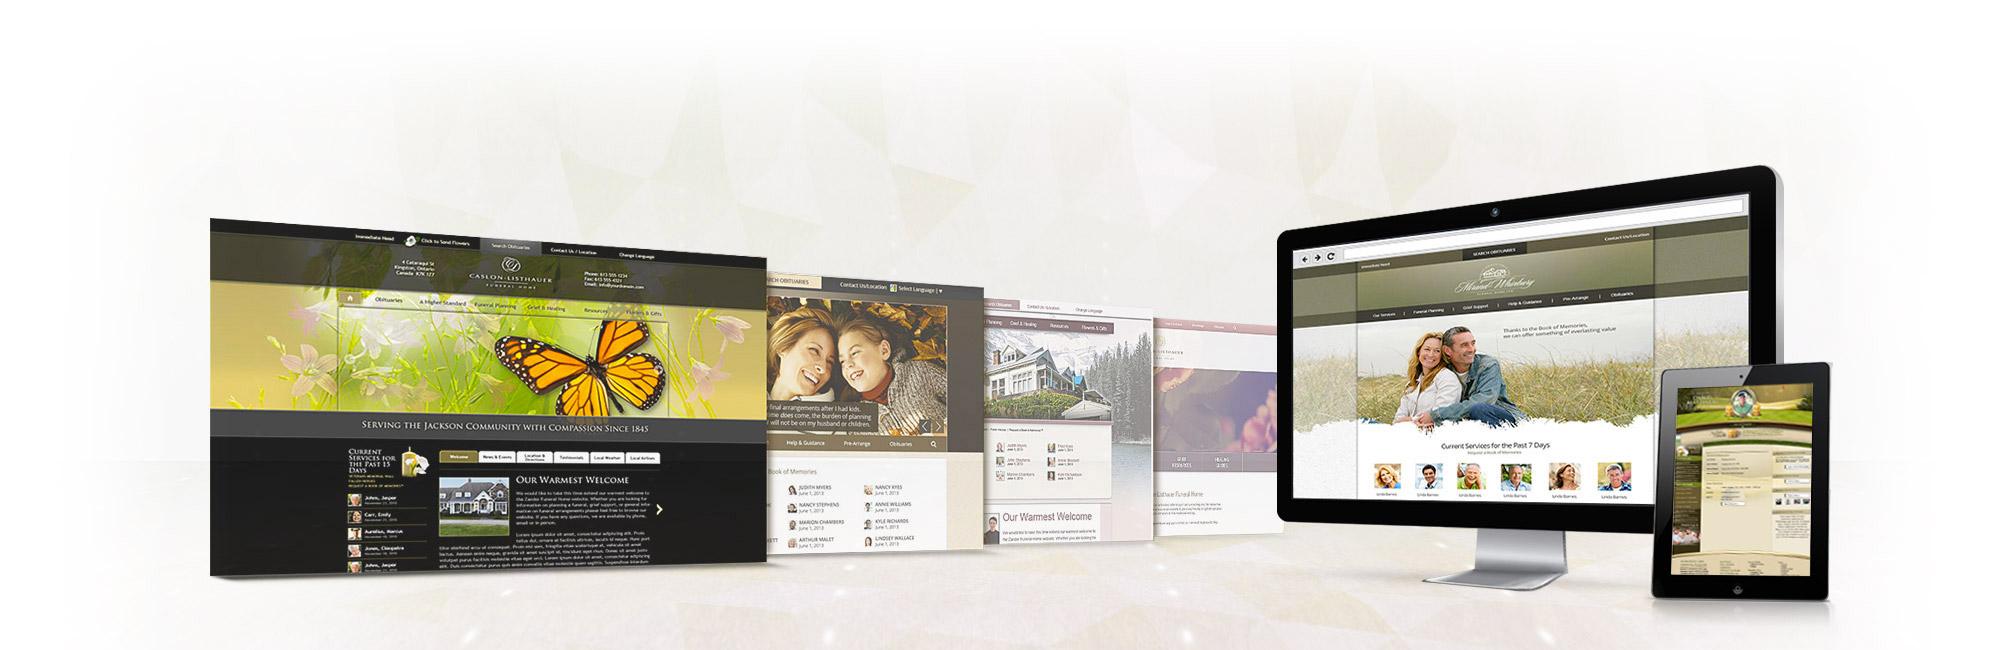 web-header-slide-1